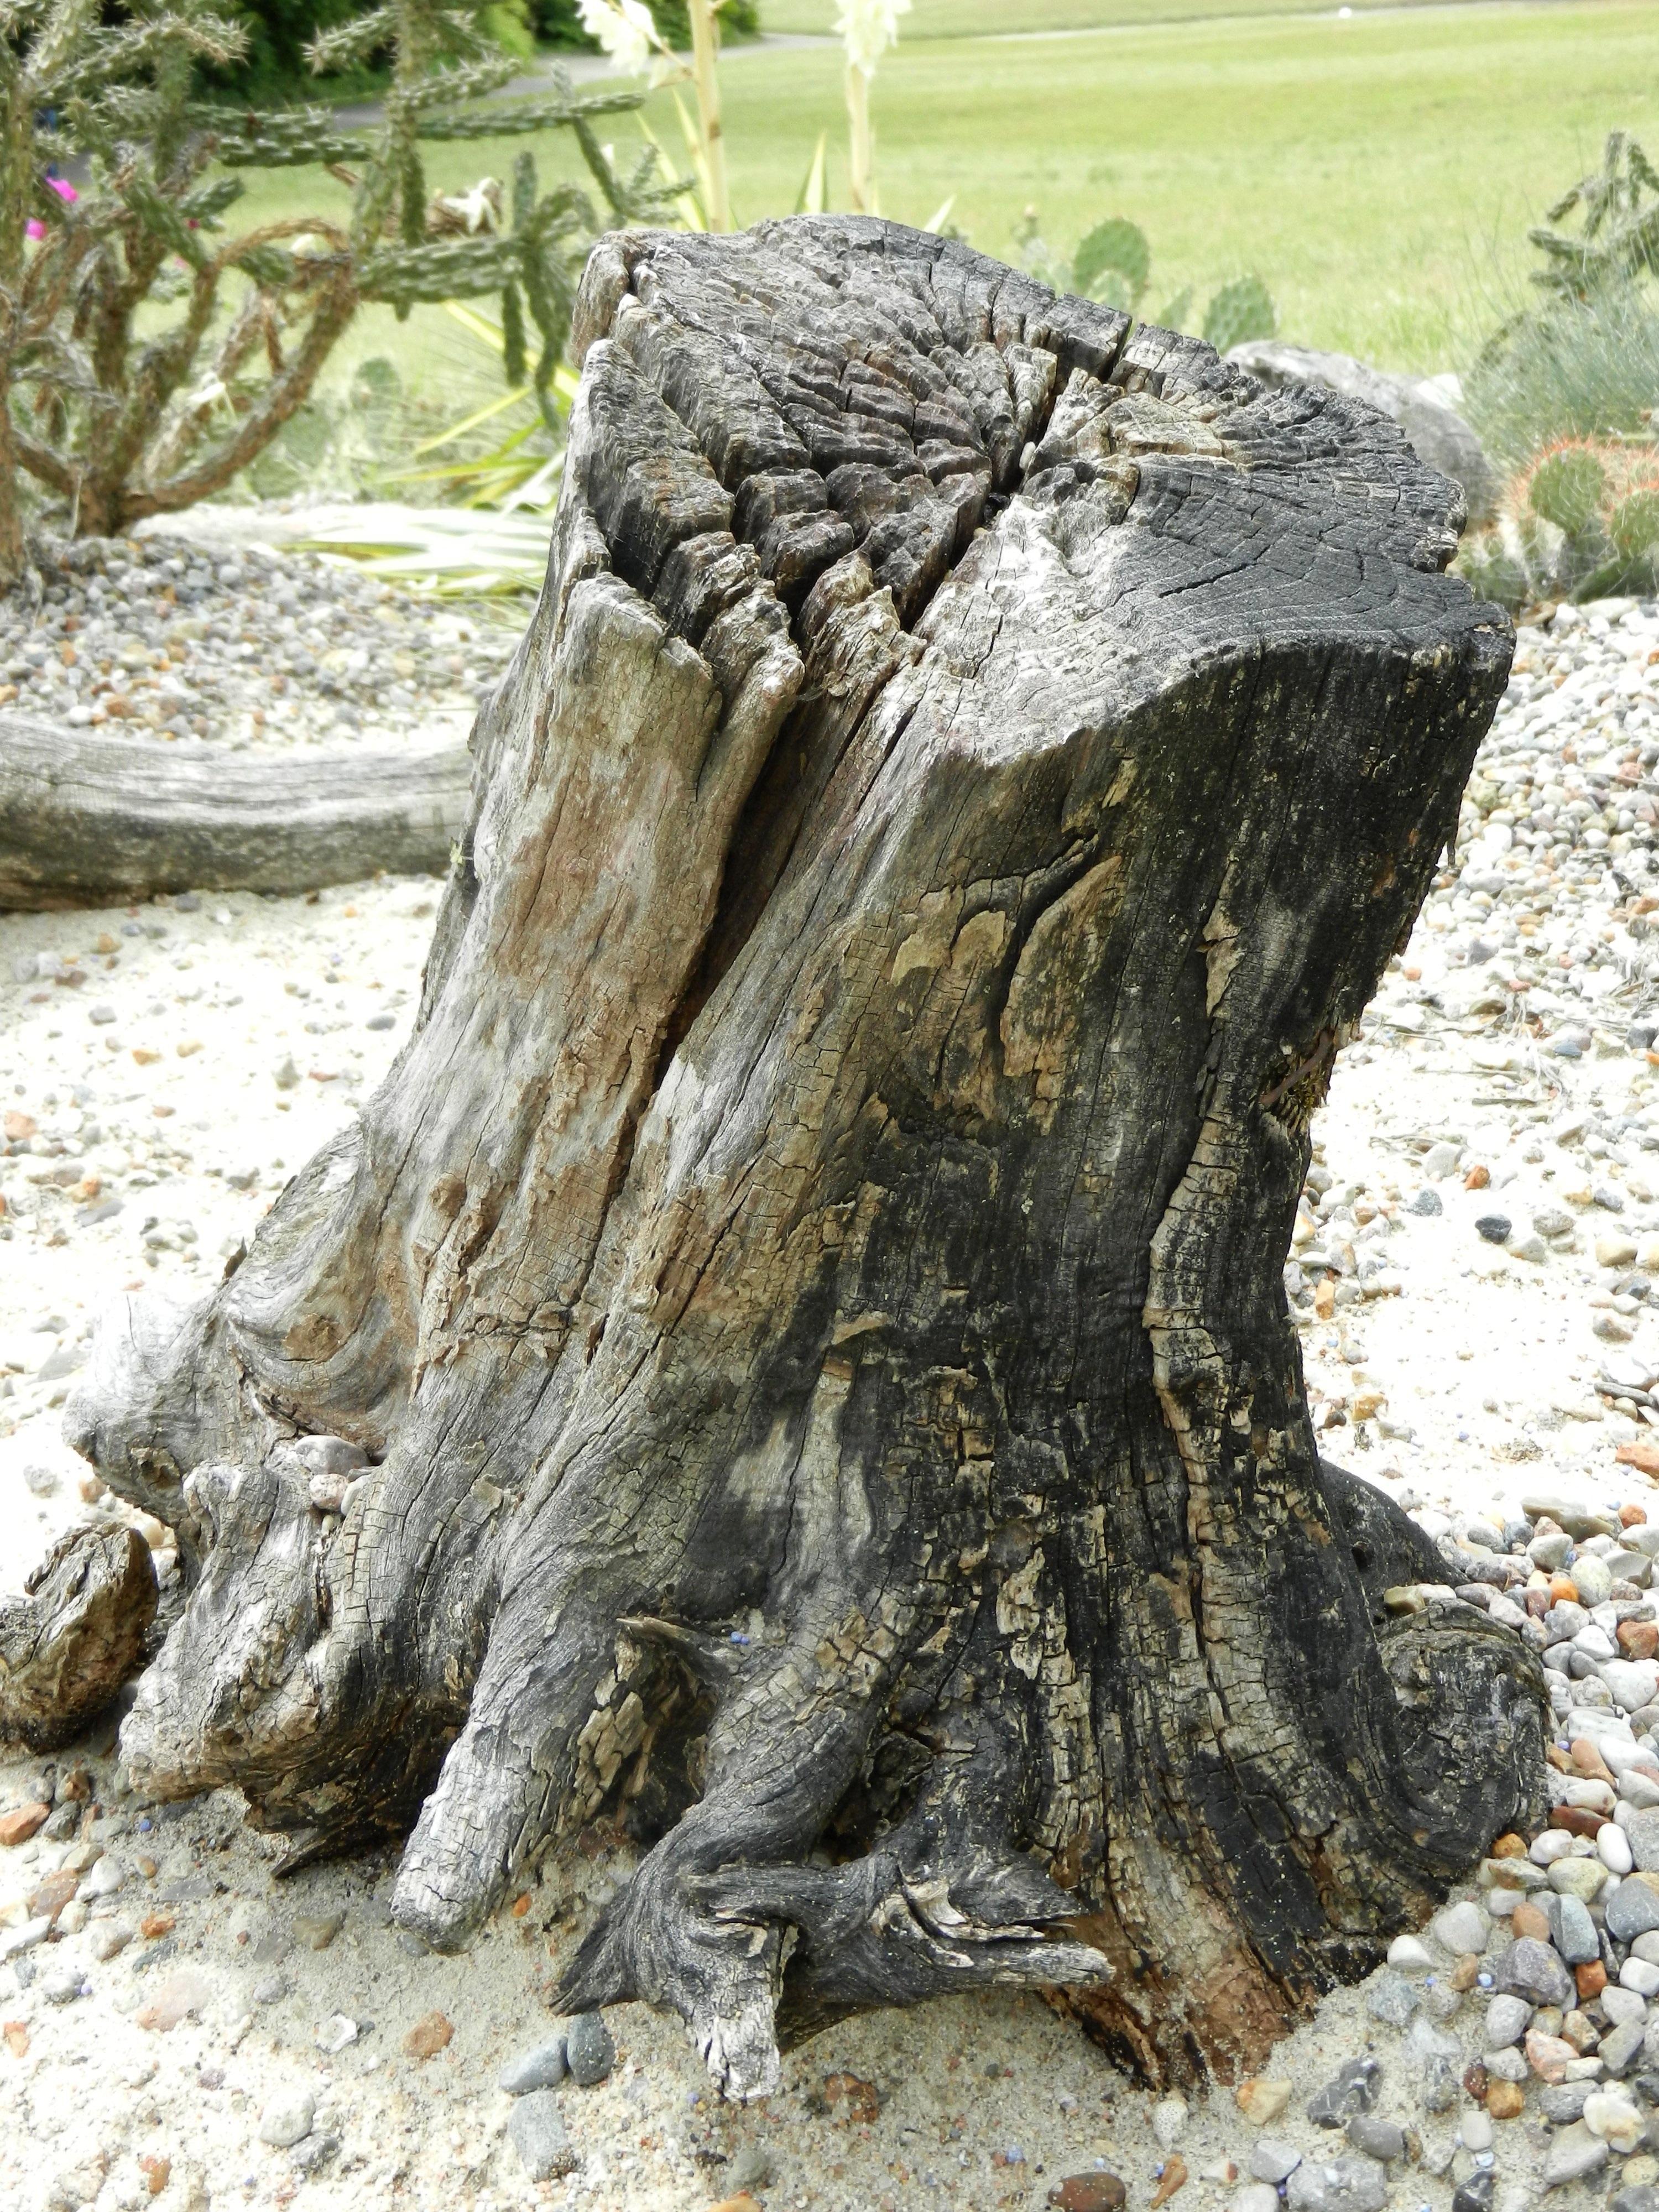 images gratuites bois flott arbre la nature roche plante texture tronc sec vert. Black Bedroom Furniture Sets. Home Design Ideas